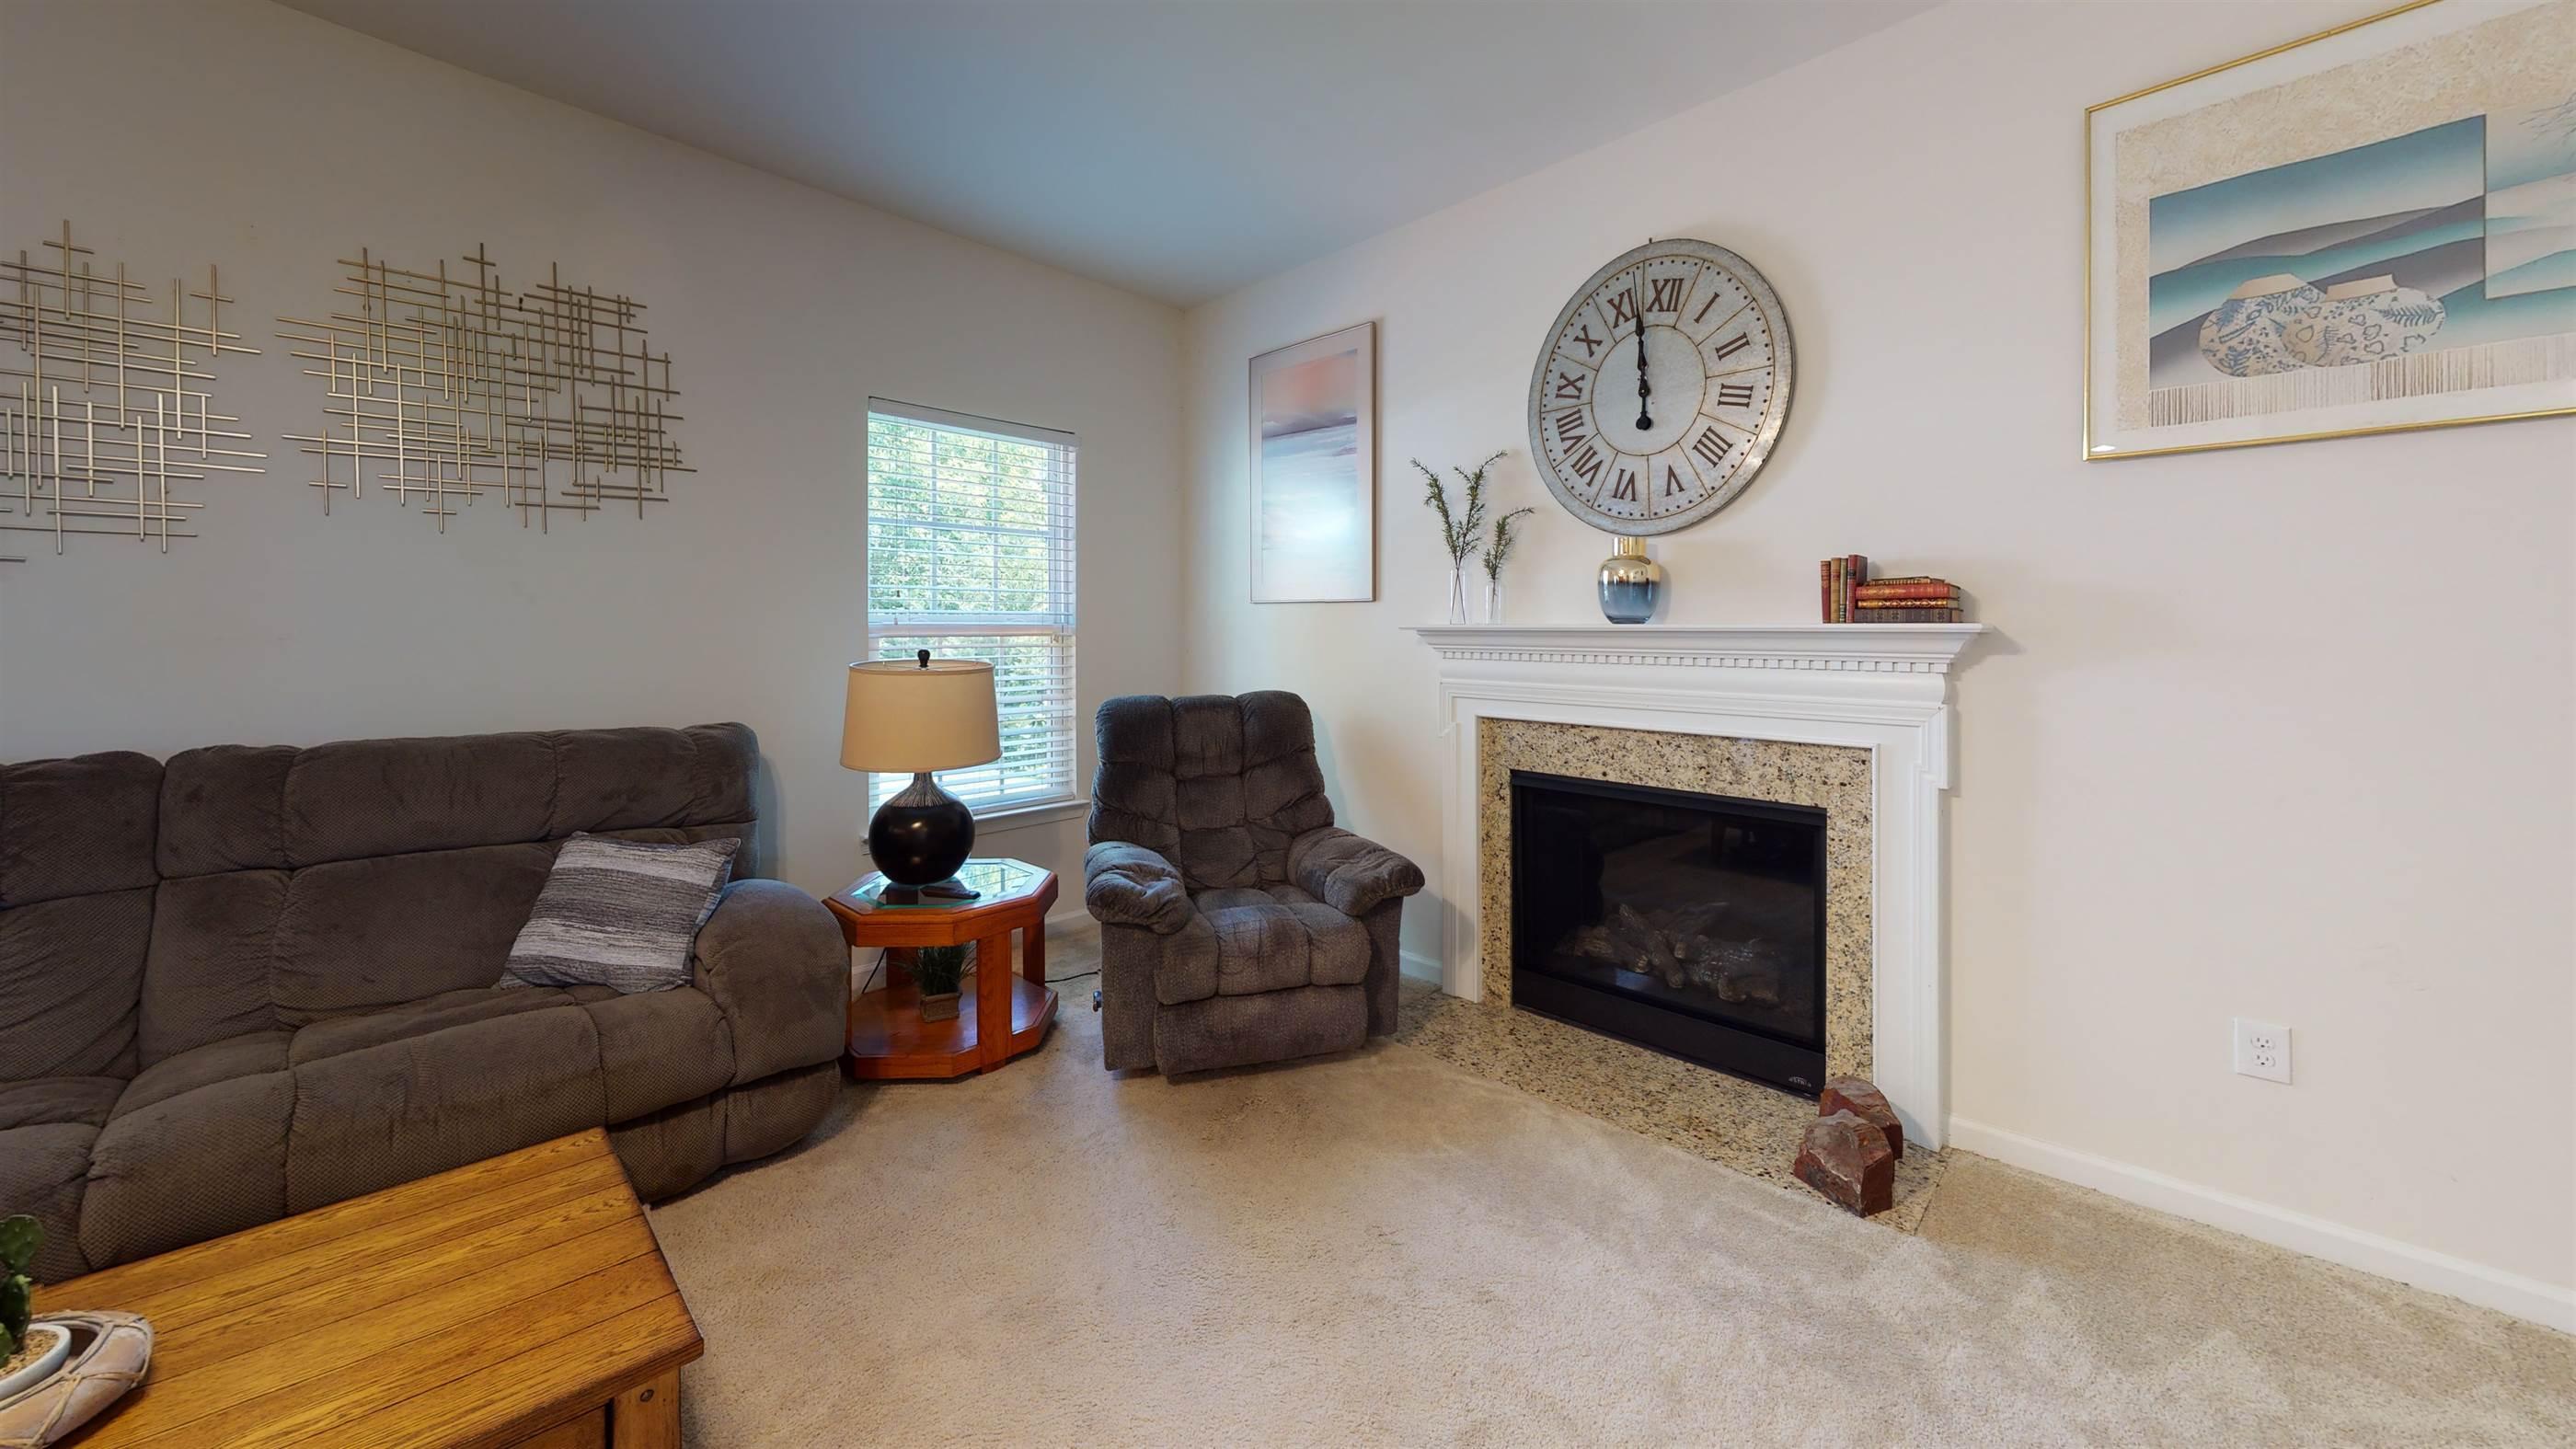 170 Ridgemont Rd, Ruckersville, VA 22968